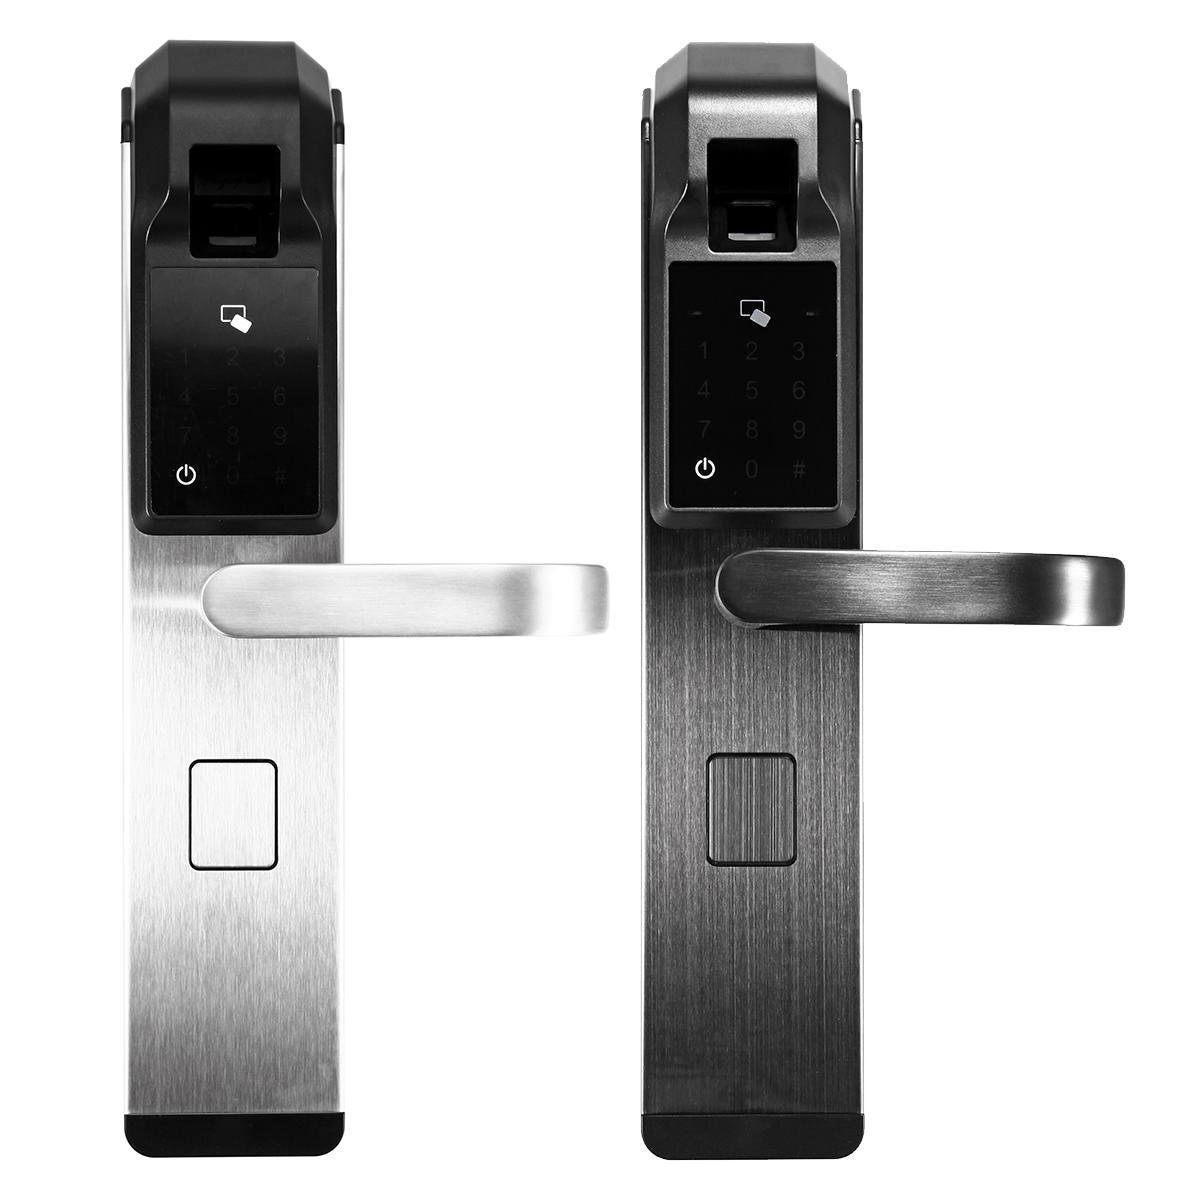 Électrique 4 voies Smart porte serrure empreinte digitale mot de passe accès Anti-vol serrure Set maison appartement sécurité système de contrôle d'accès